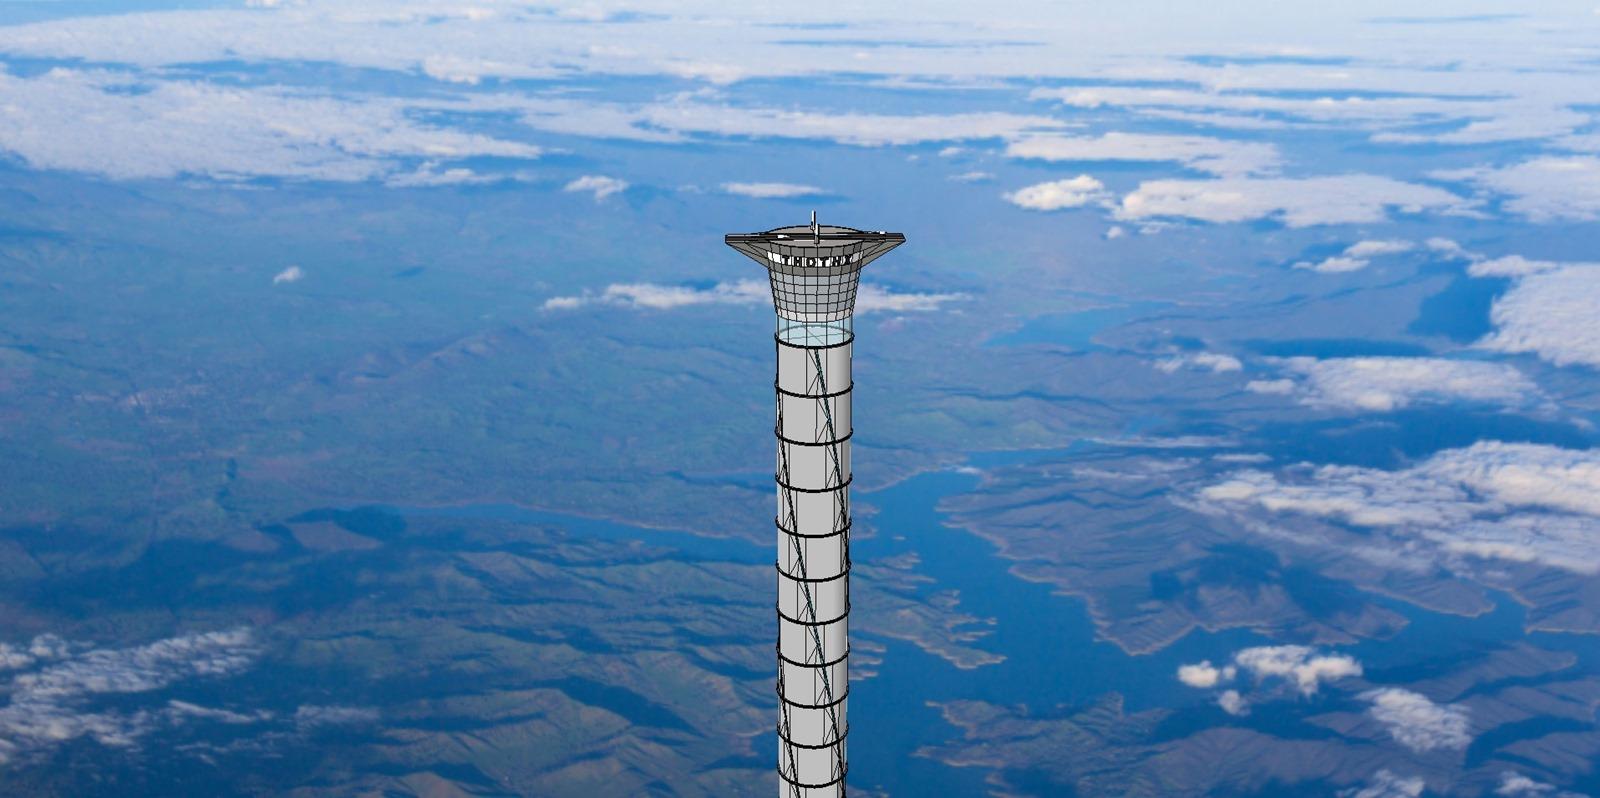 Un brevet déposé pour un modèle d'ascenseur de l'espace